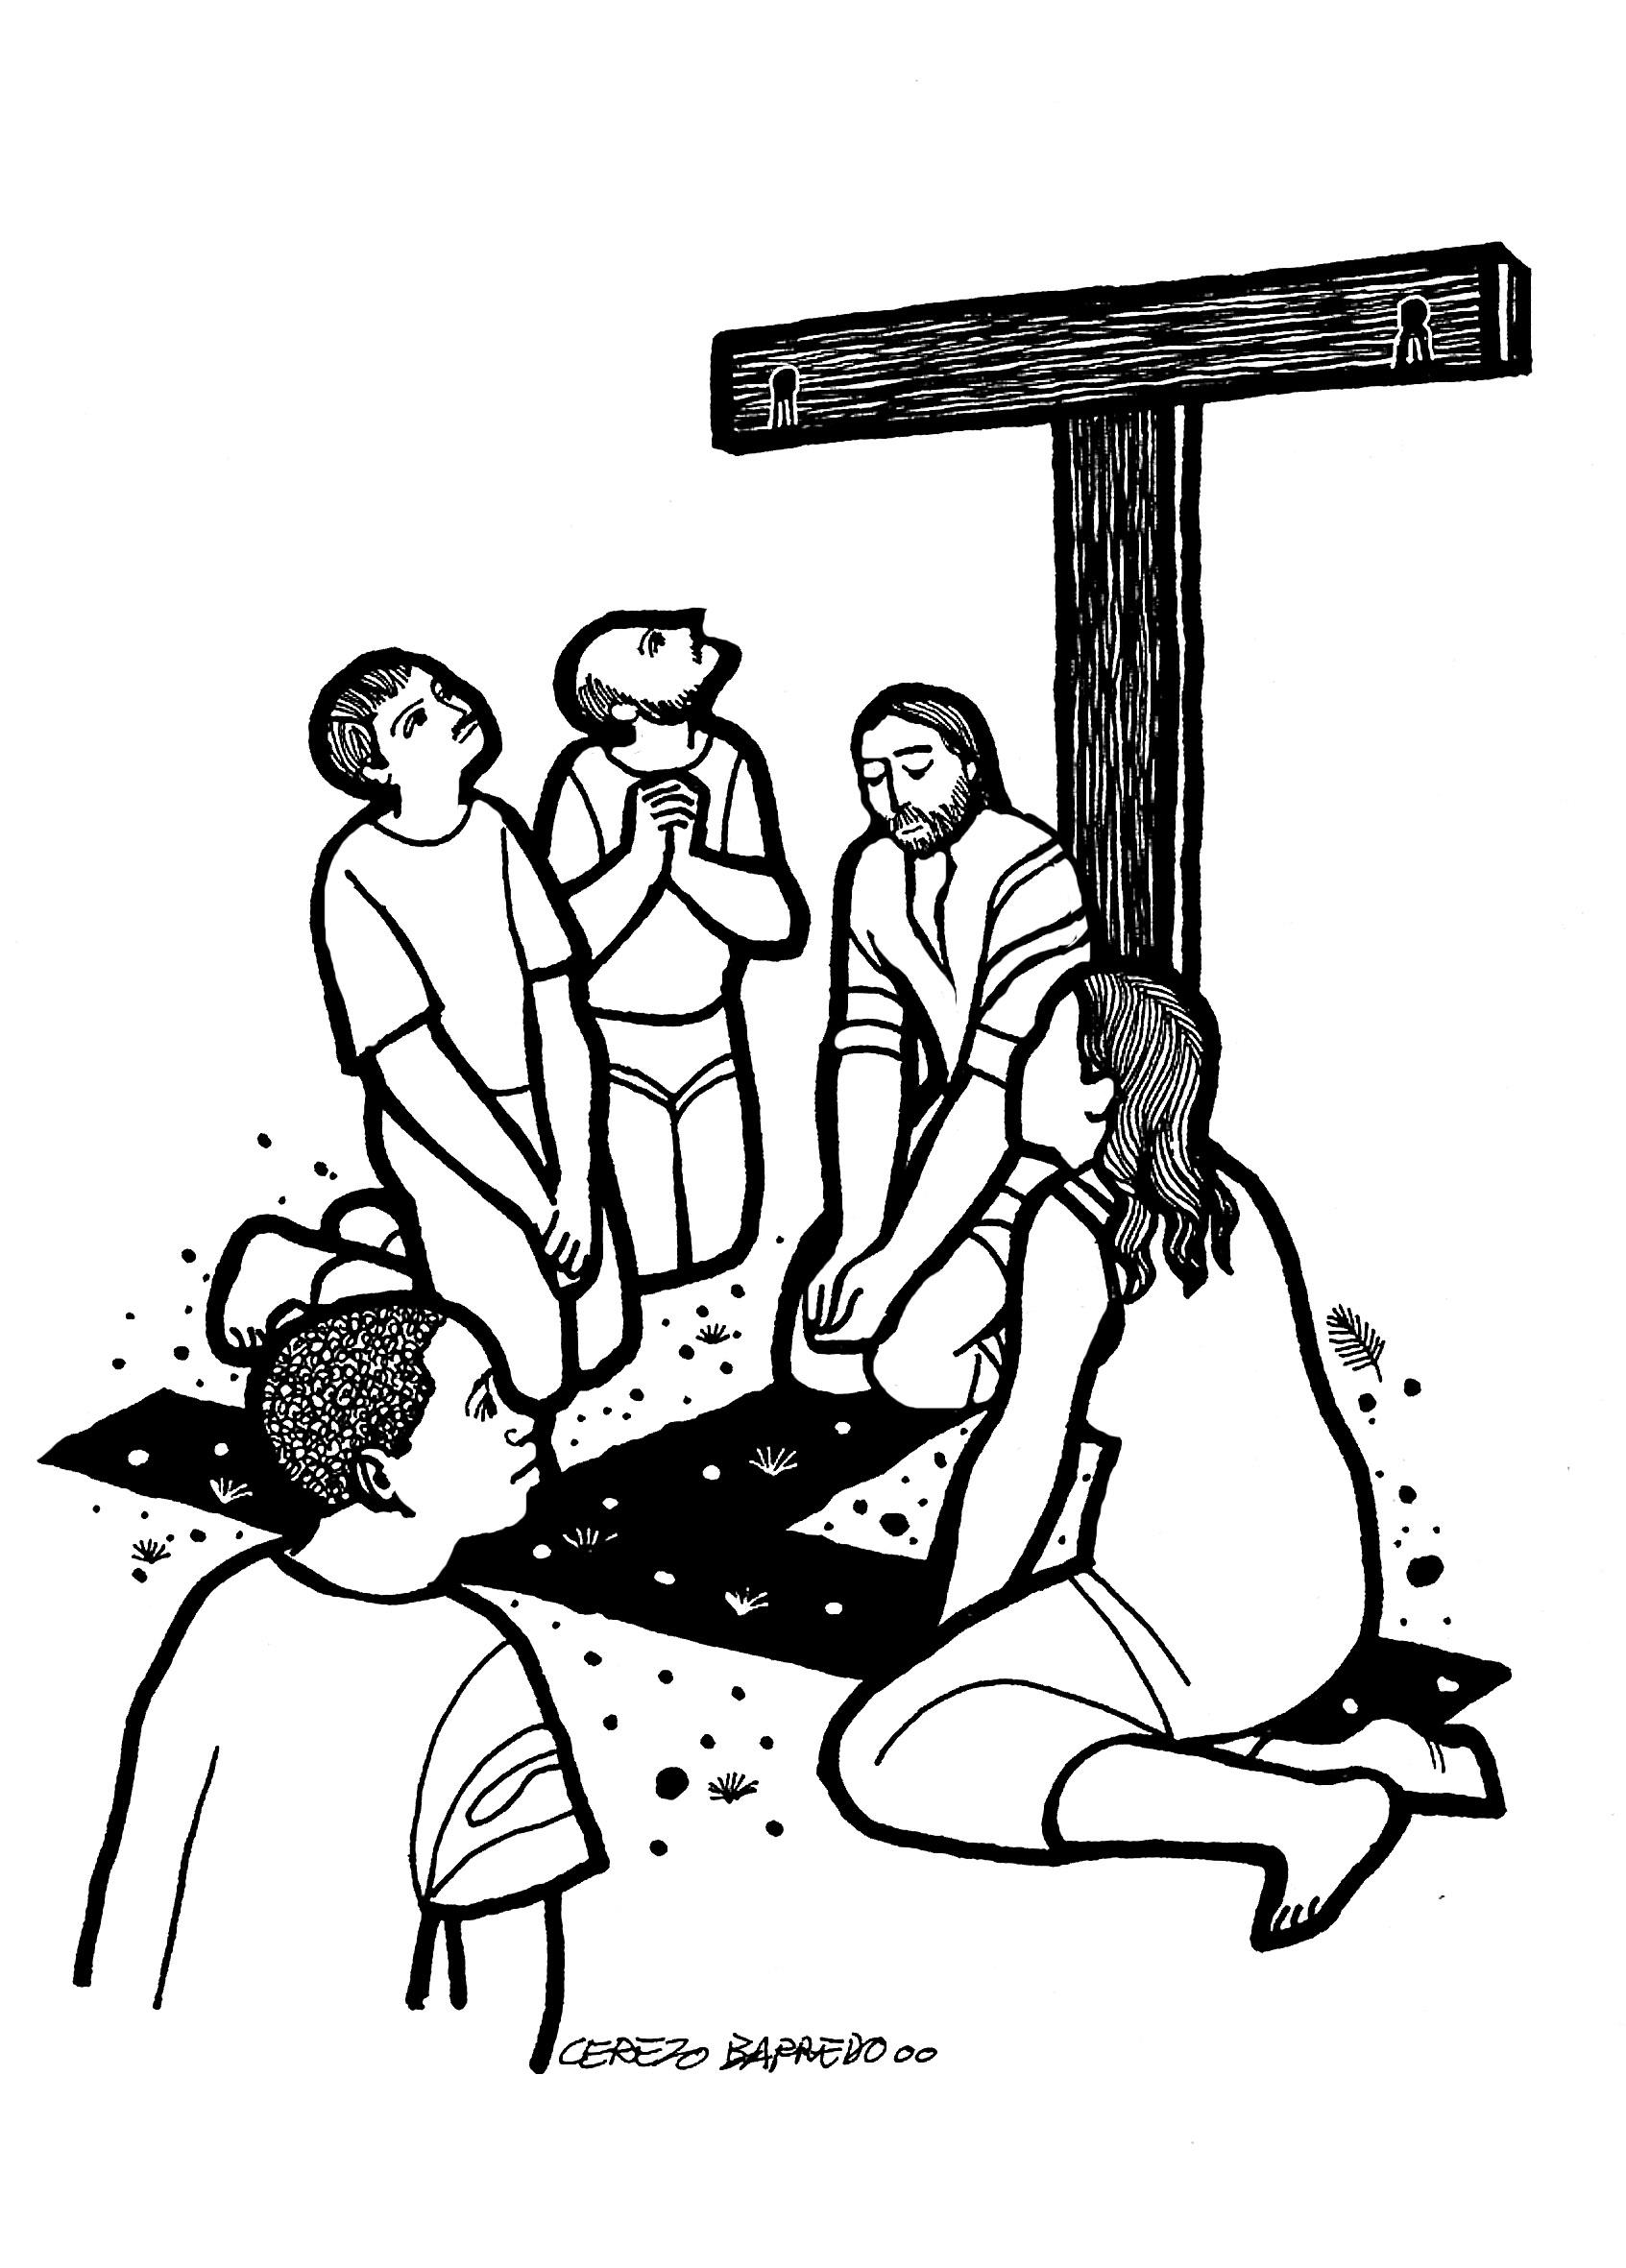 Evangelio del día - Lecturas del domingo, 20 de junio de 2010